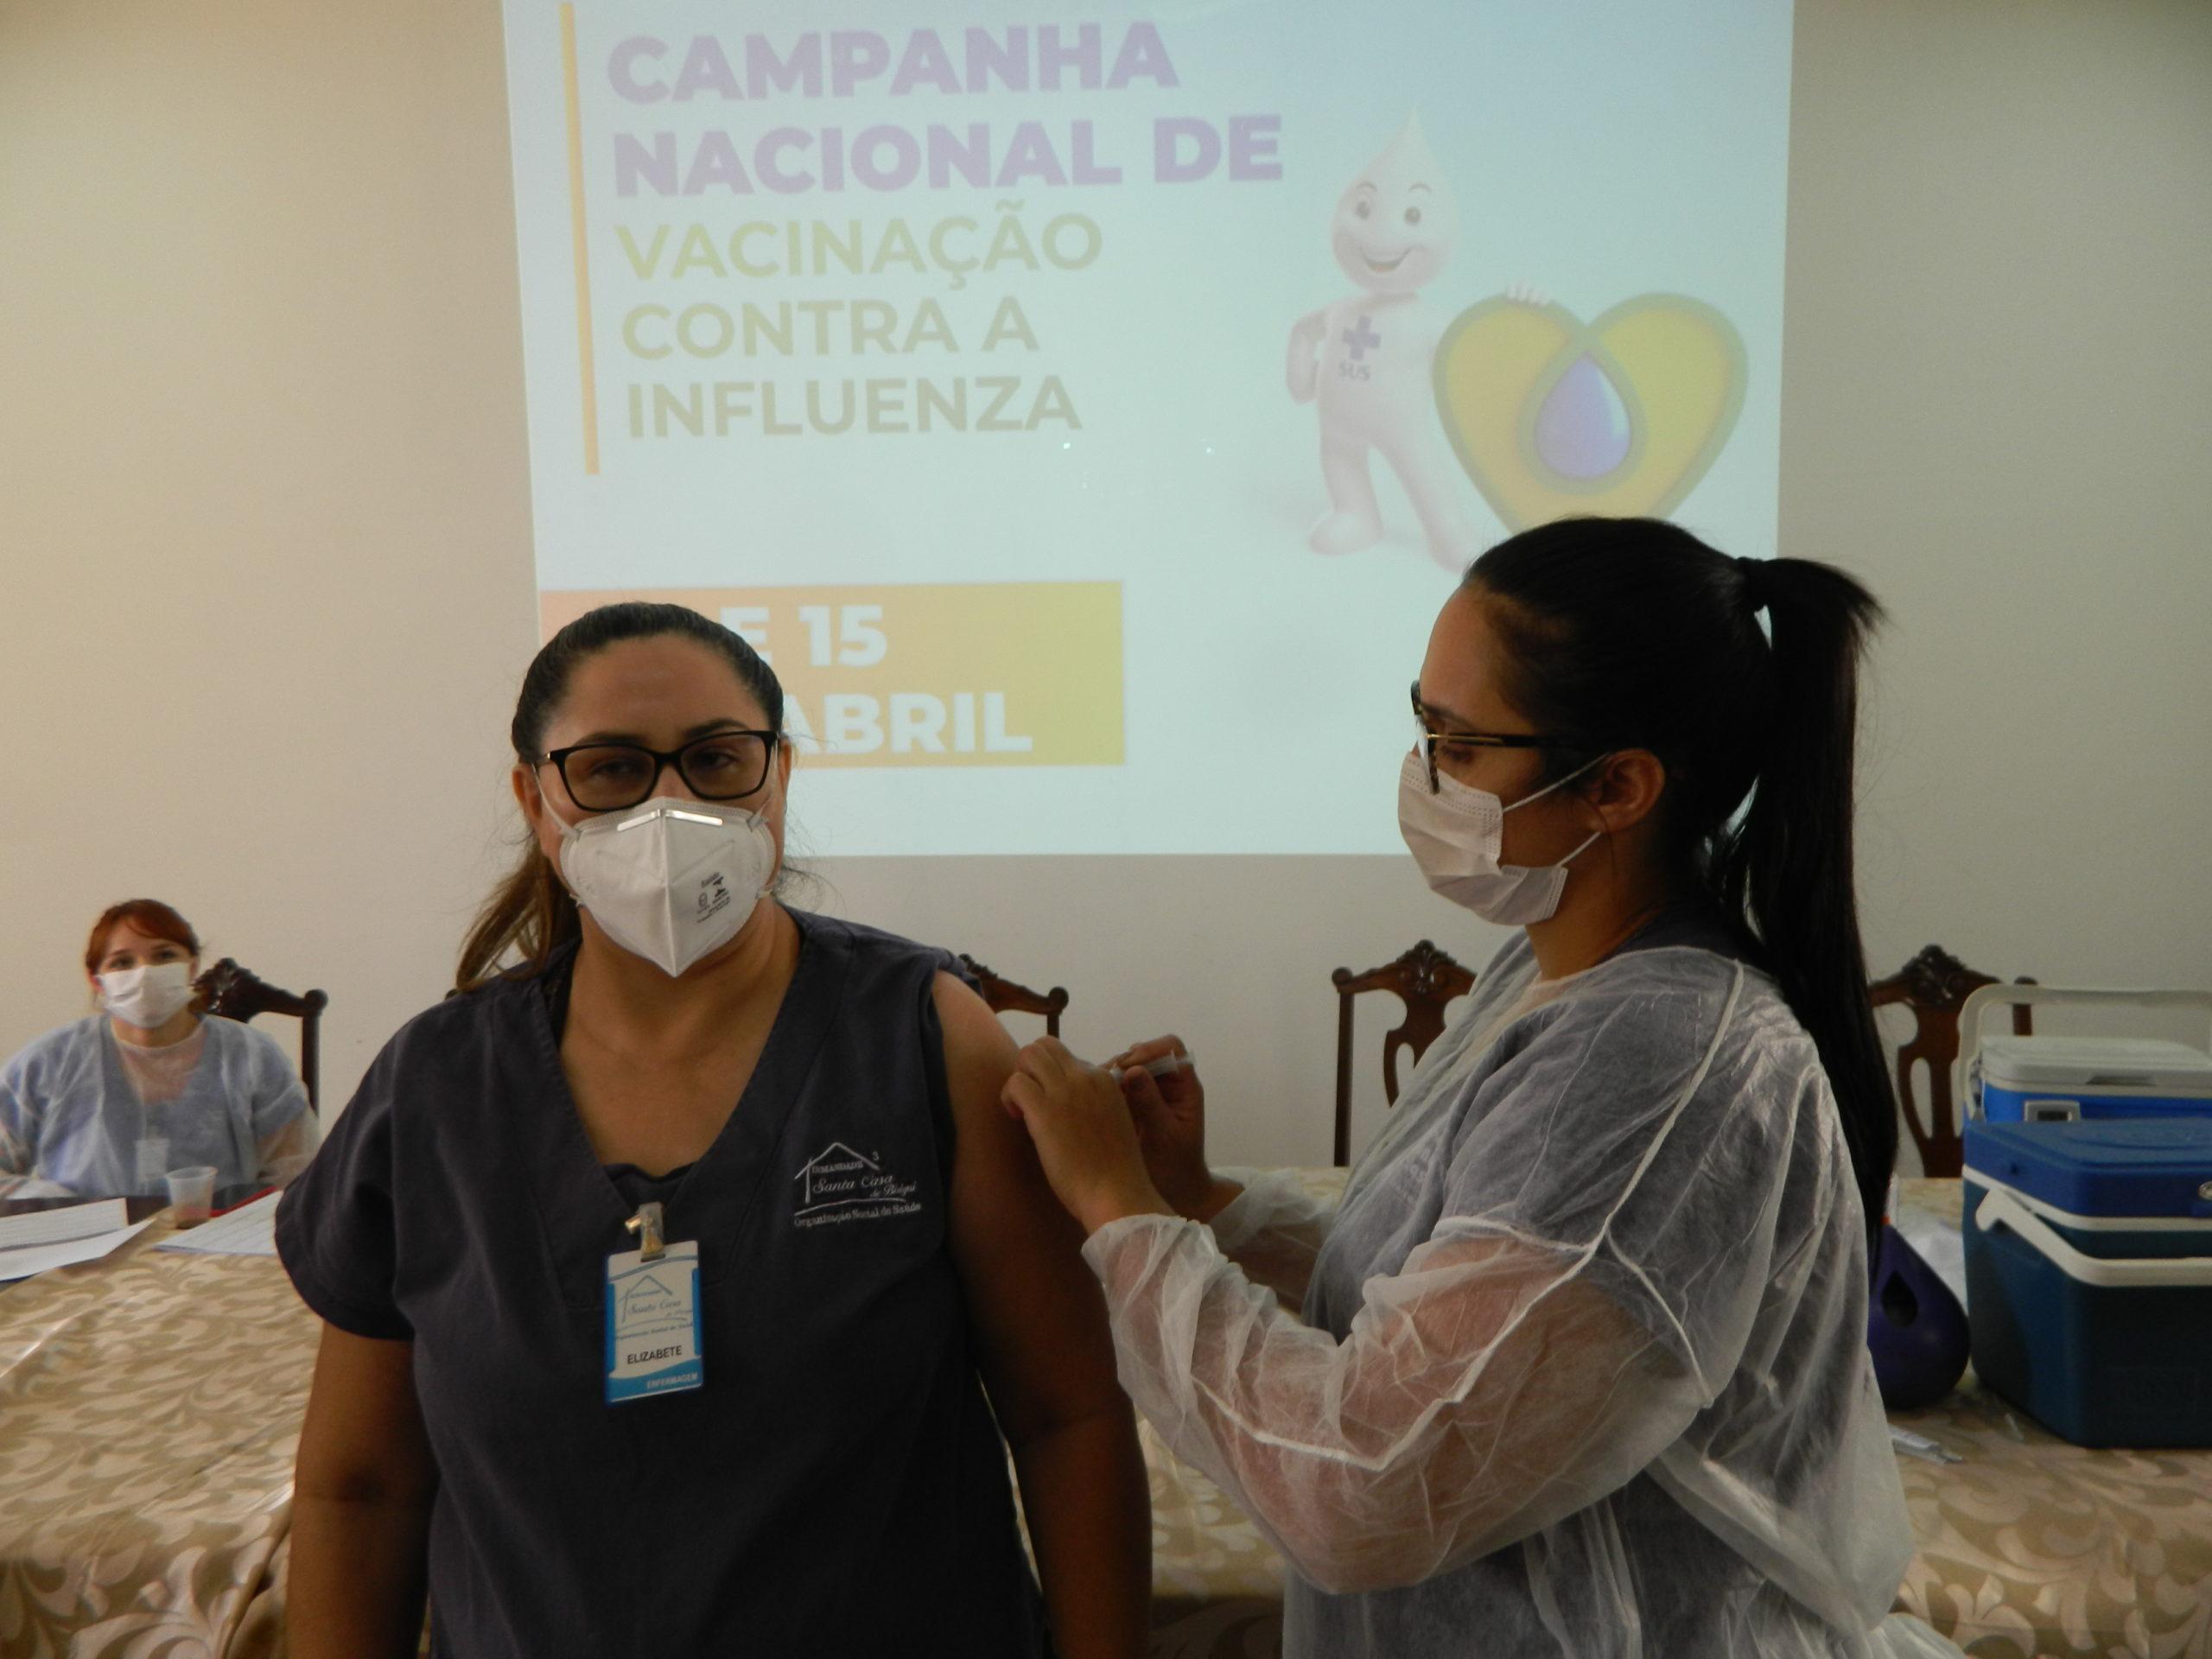 Nos dias 14 e 15 de abril, aconteceu a campanha de vacinação contra a Influenza